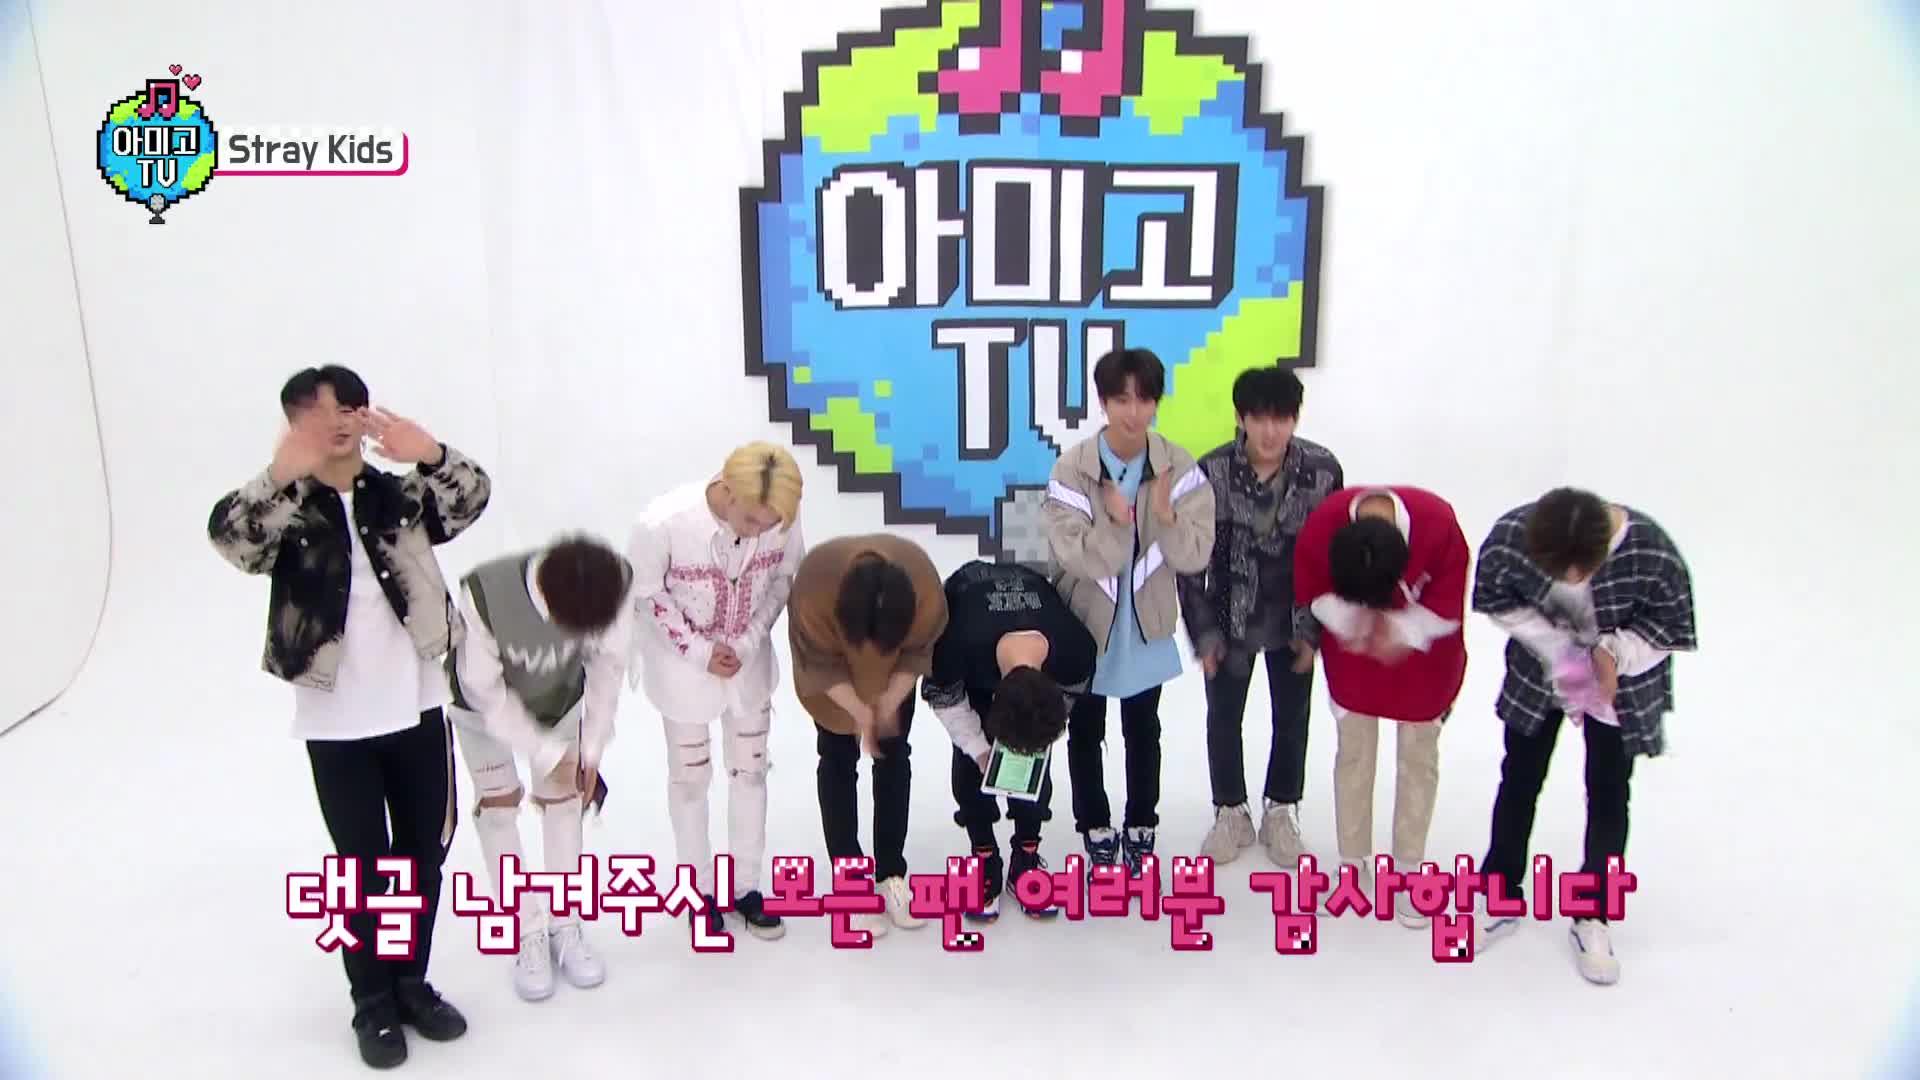 [아미고TV 3] 스트레이키즈 ep.01 대망의 슼둥이들의 첫 출연!